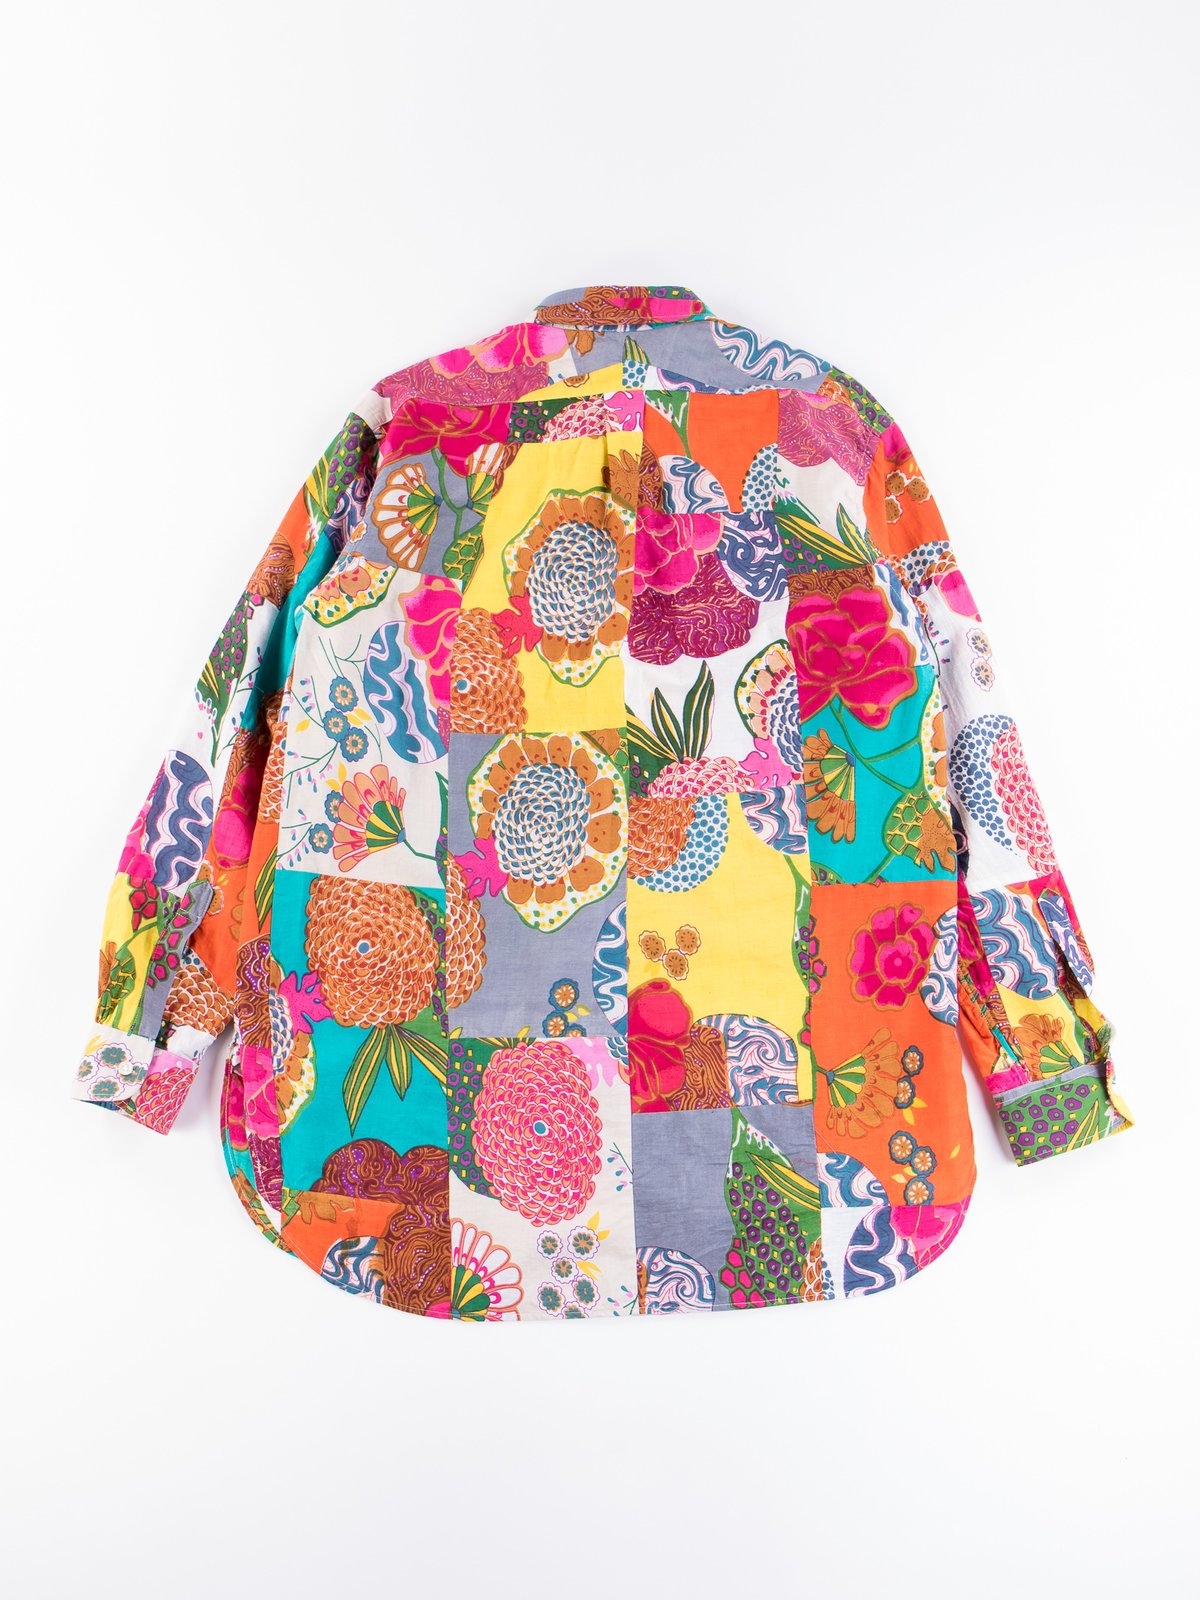 Multi Color Cotton Floral Patchwork 19th Century BD Shirt - Image 6